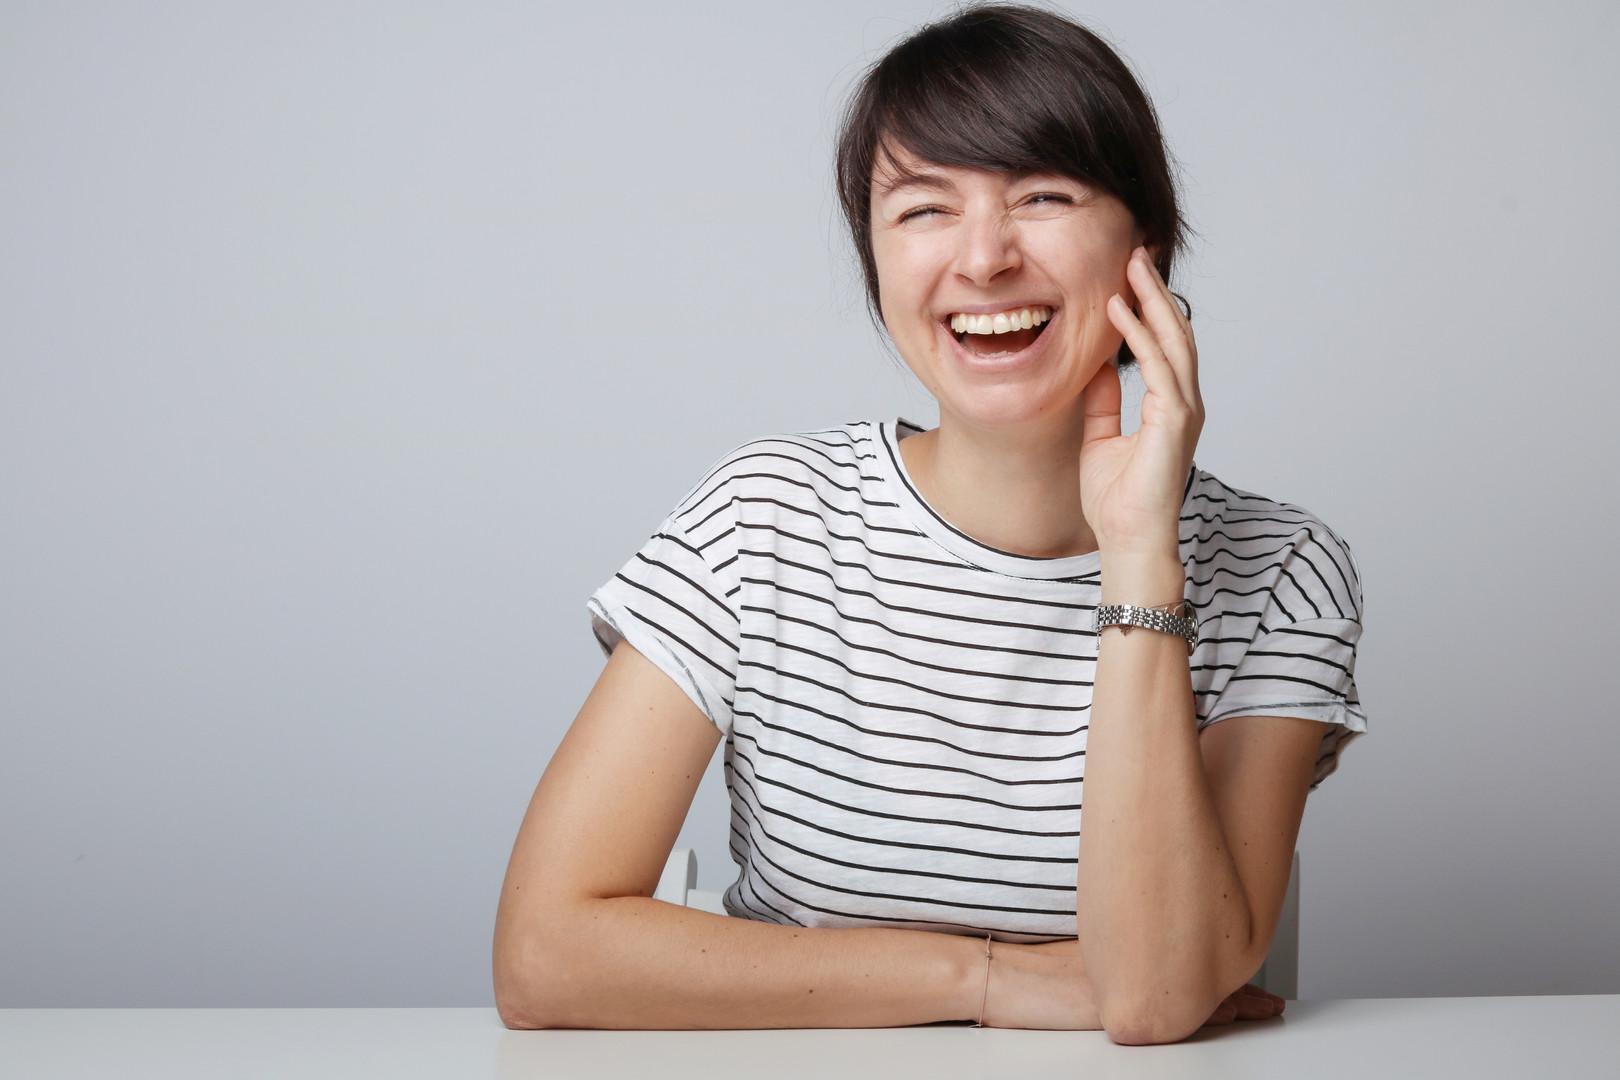 portrait-lachen-fotograf-wien-frau.jpg